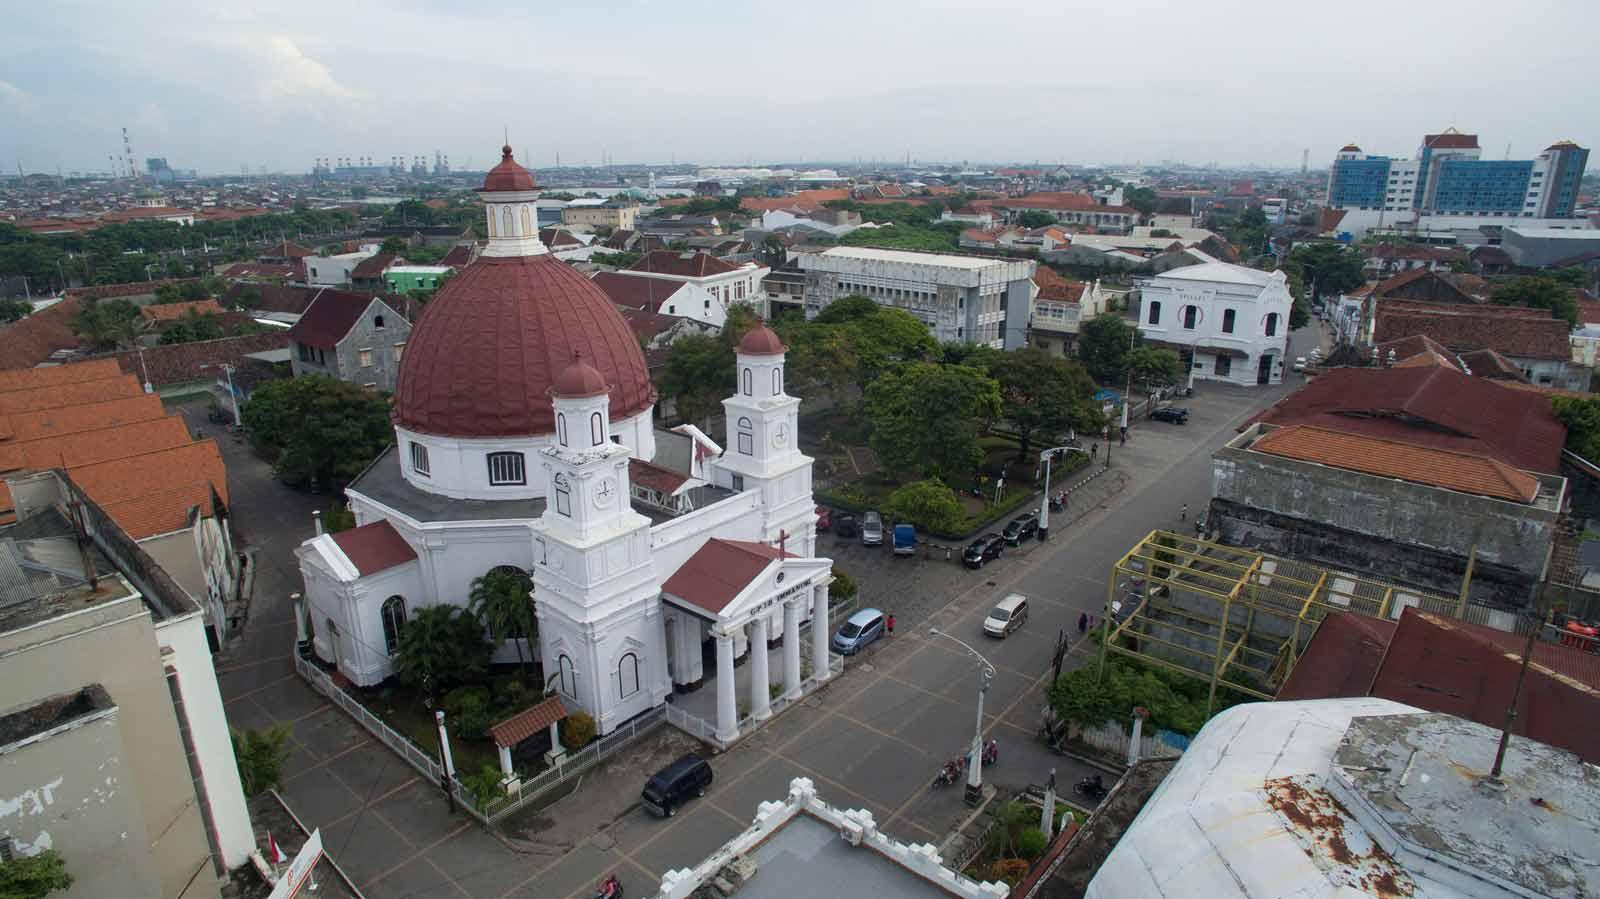 Gereja Blenduk dengan warna putih khas arsitektur kolonial (Sumber: pesona.travel)